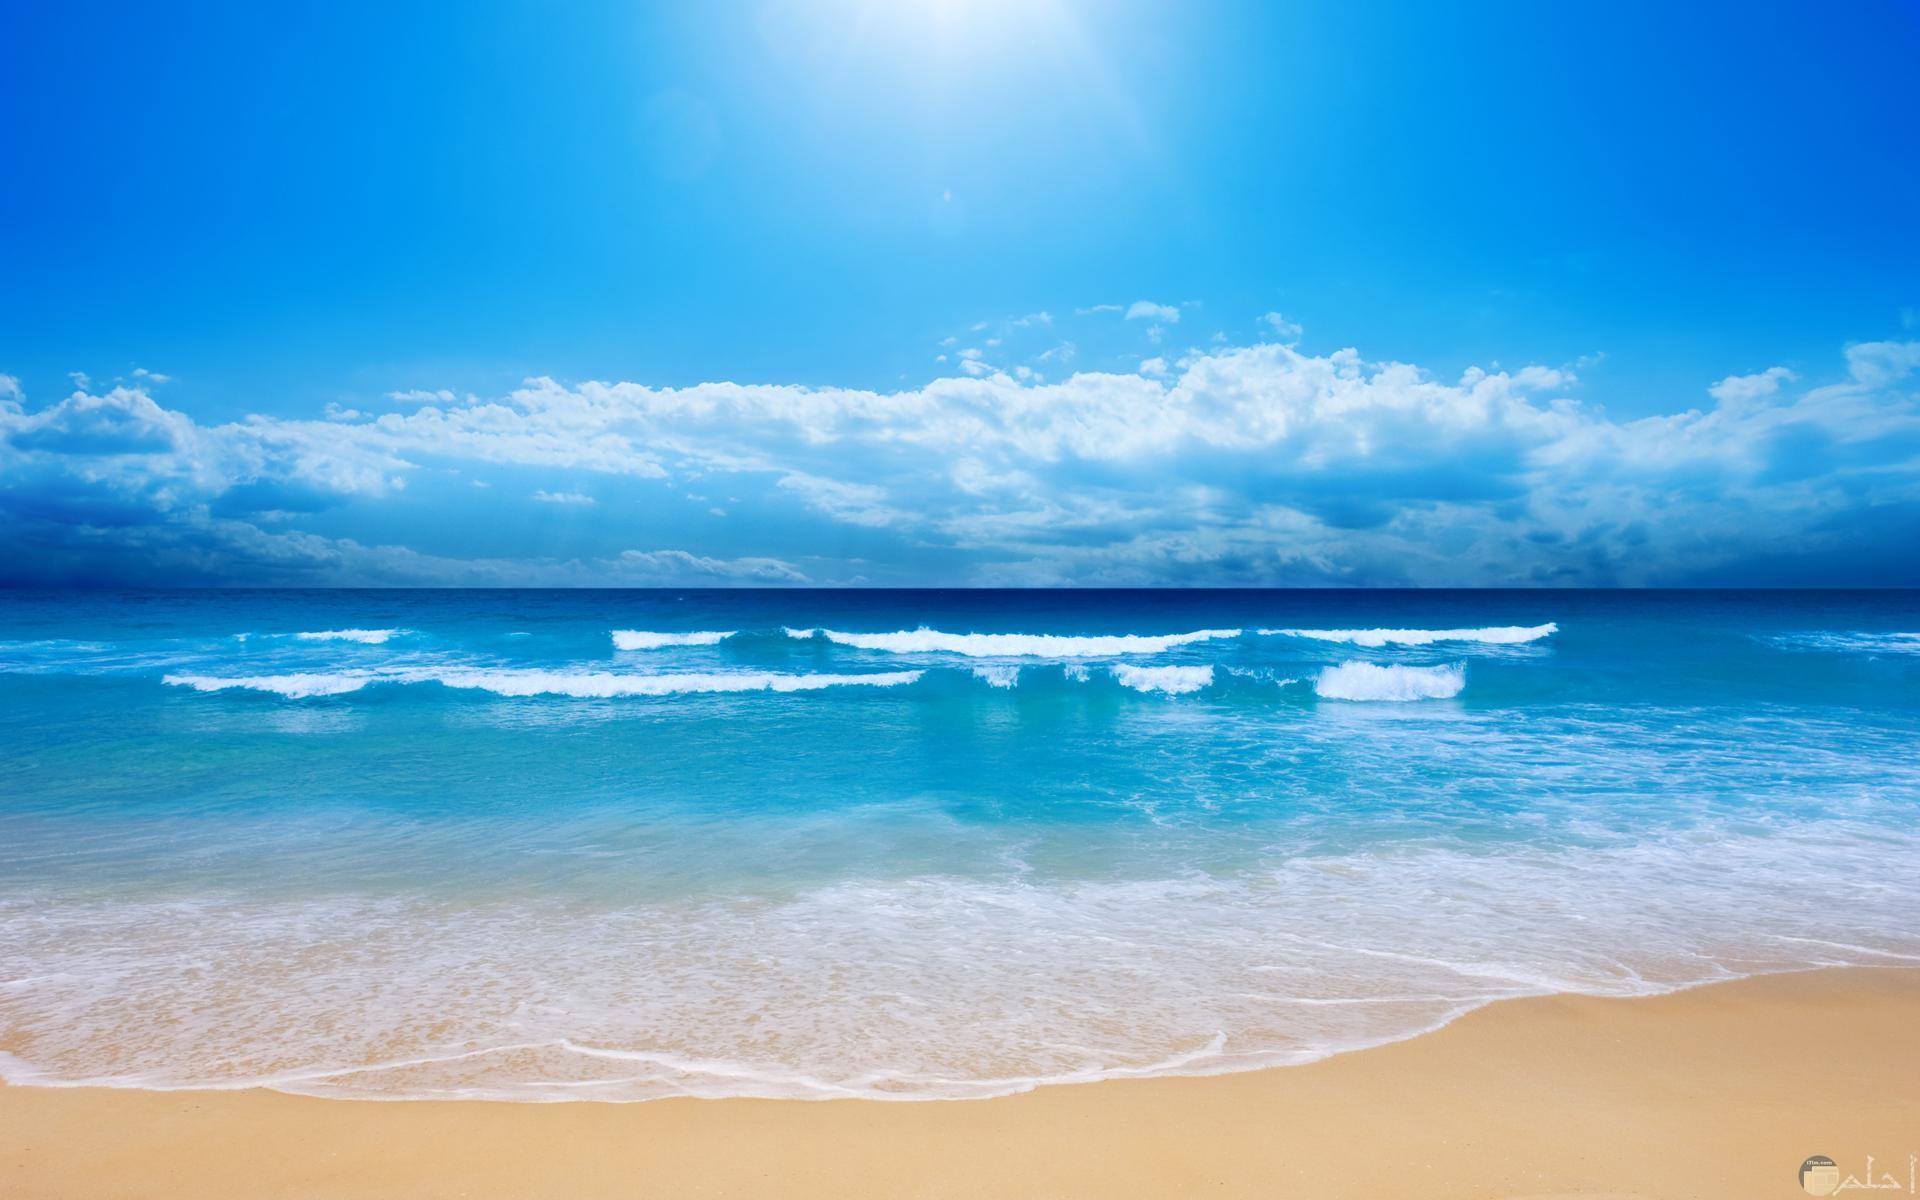 بحر صافٍ وجميل